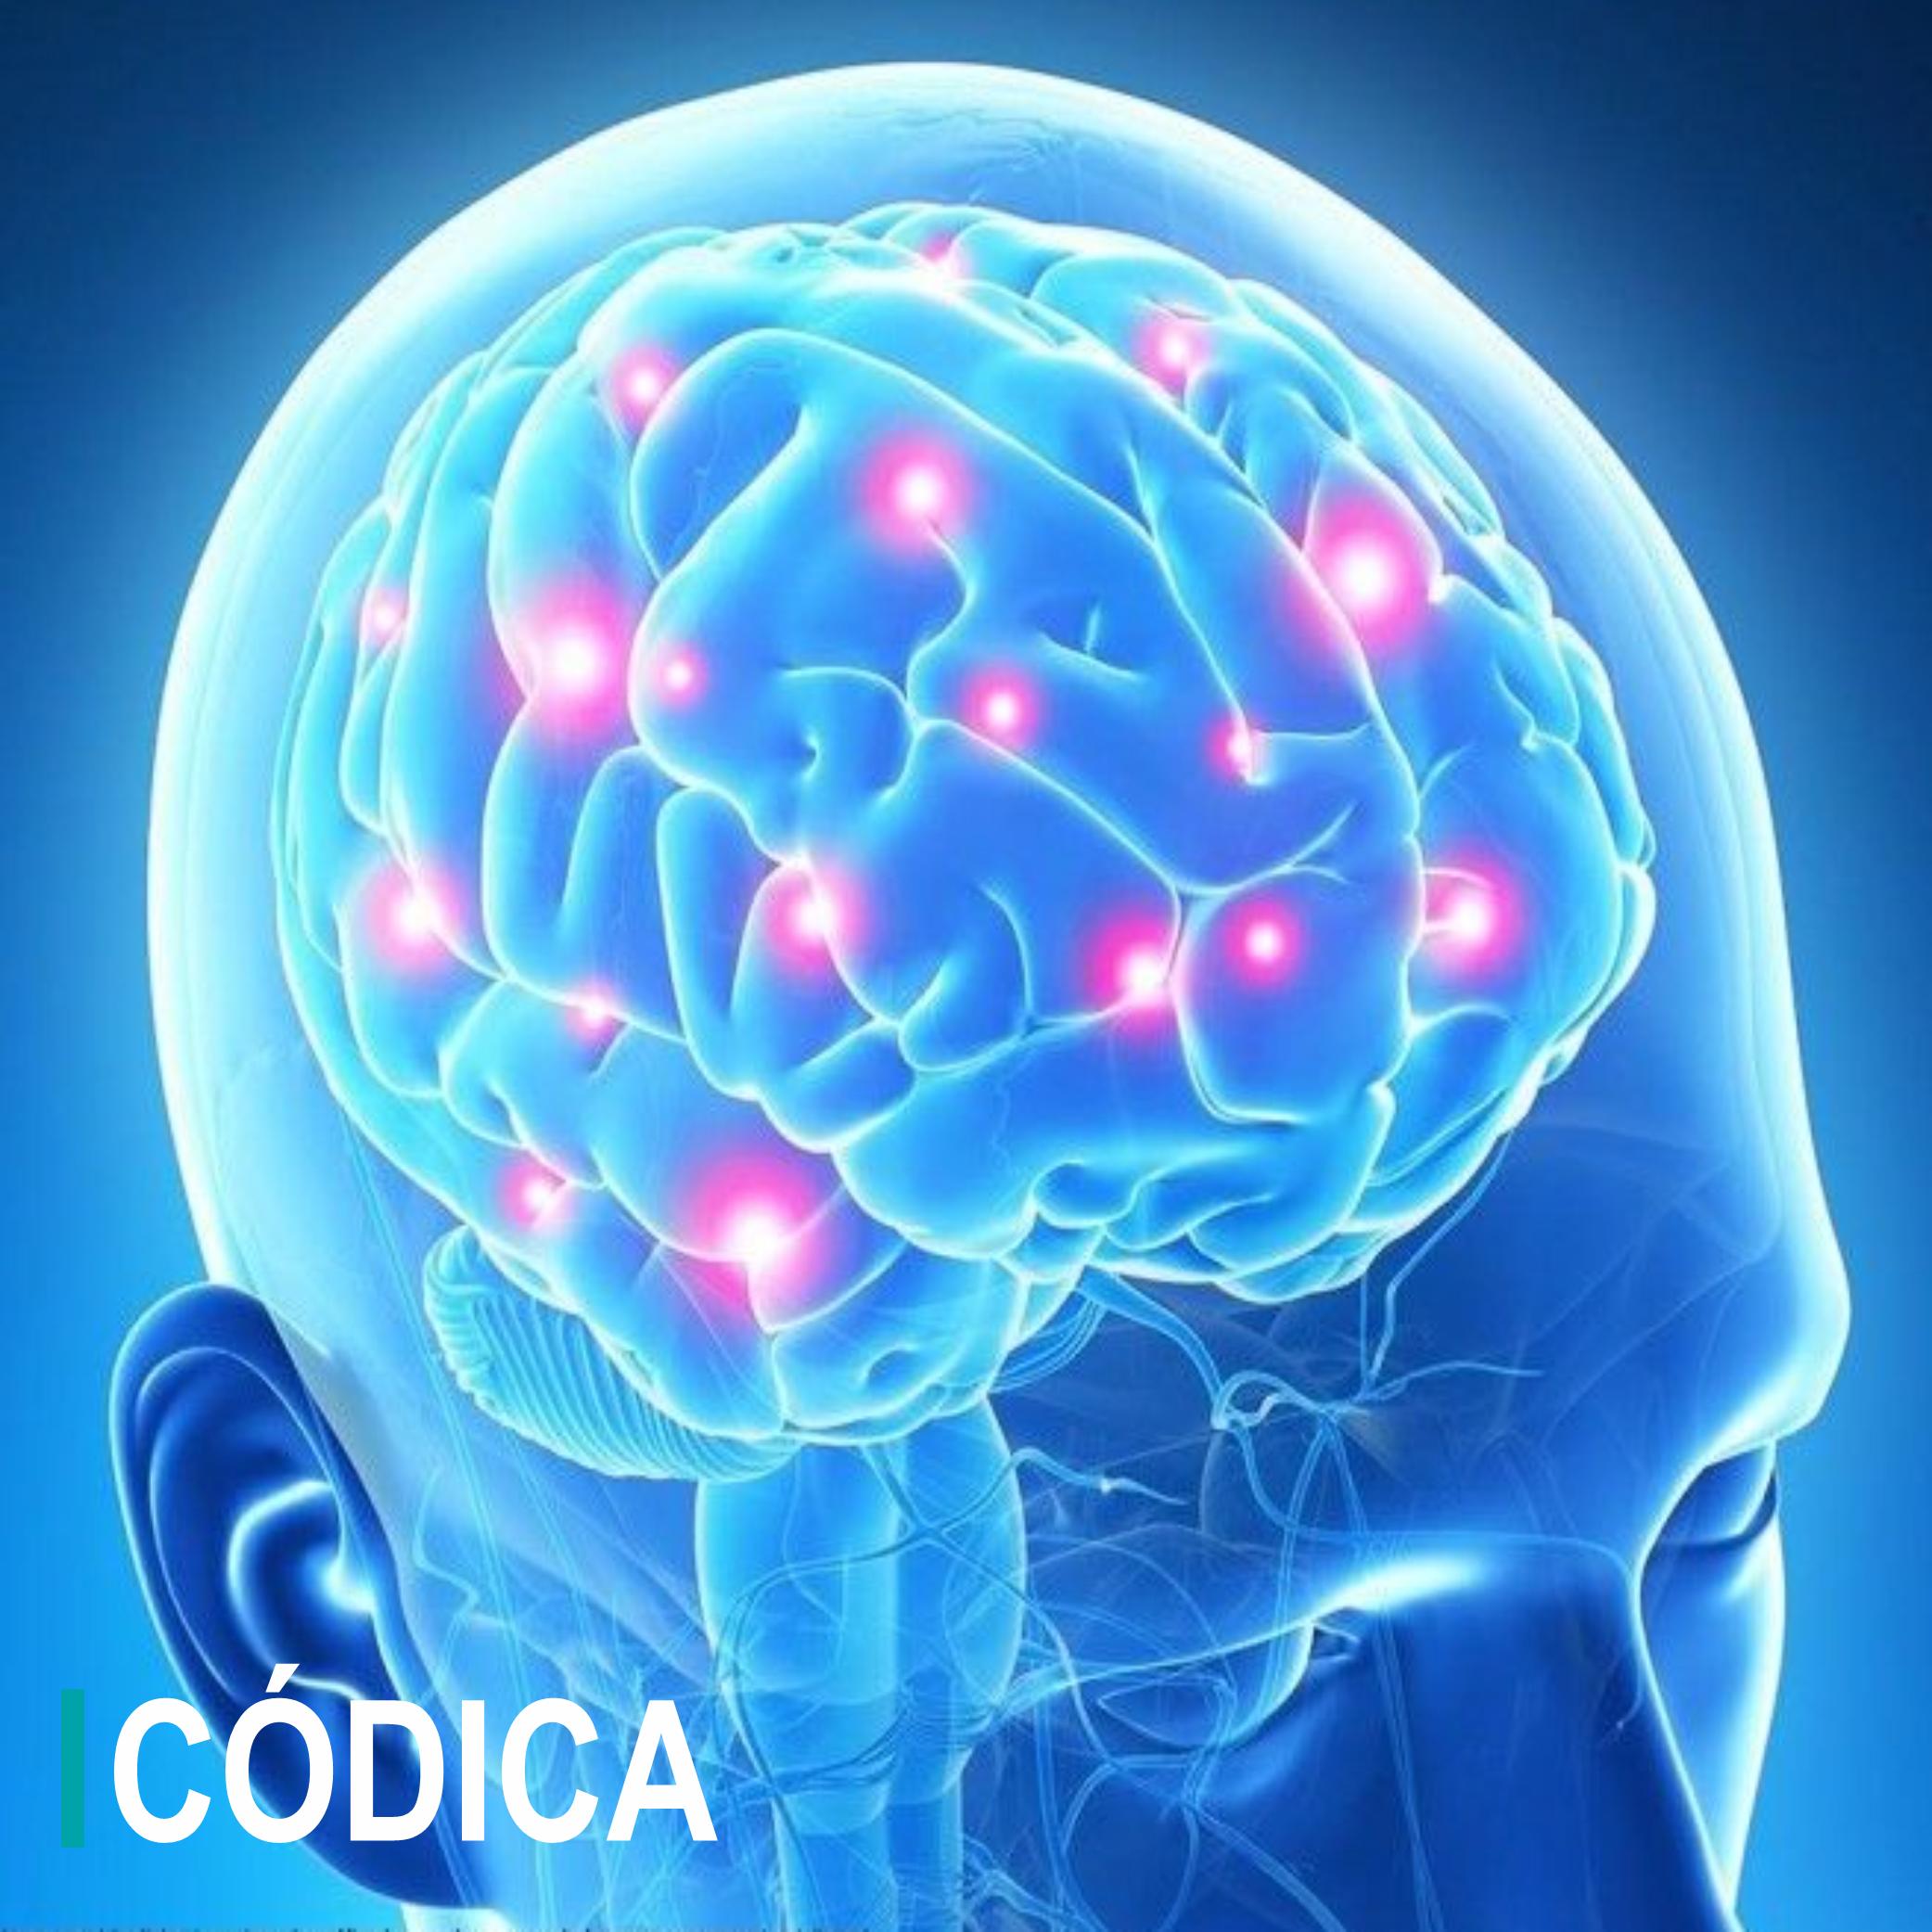 Códica